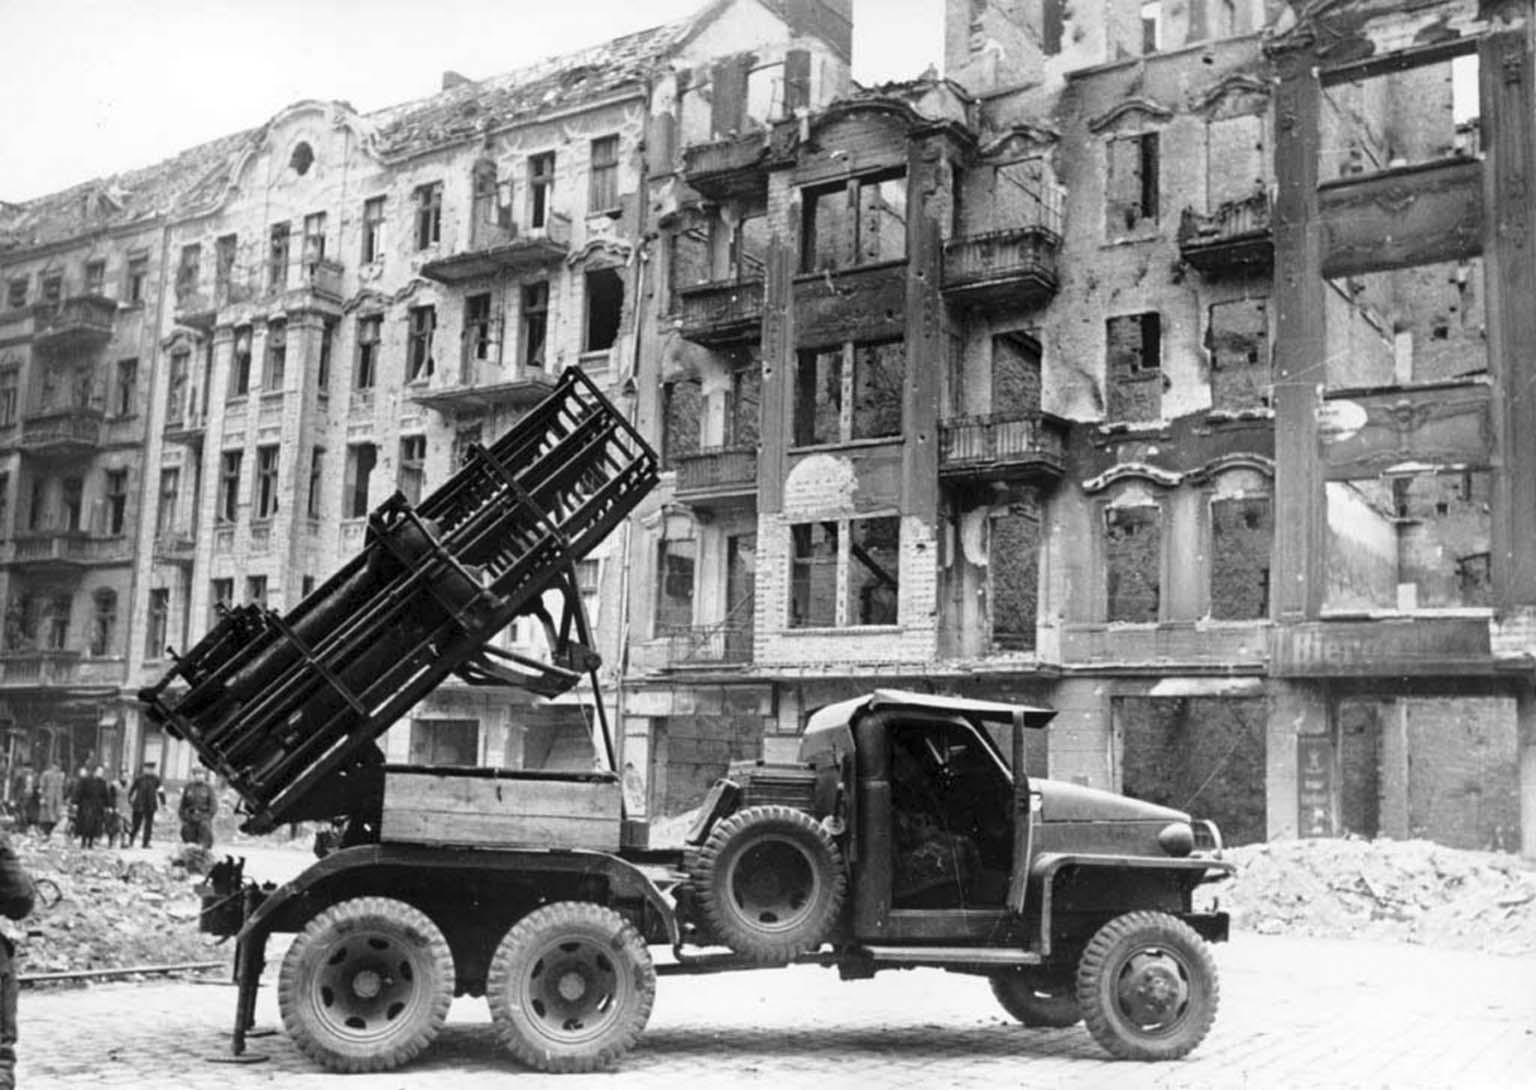 BM-31-12 Multiple rocket launcher